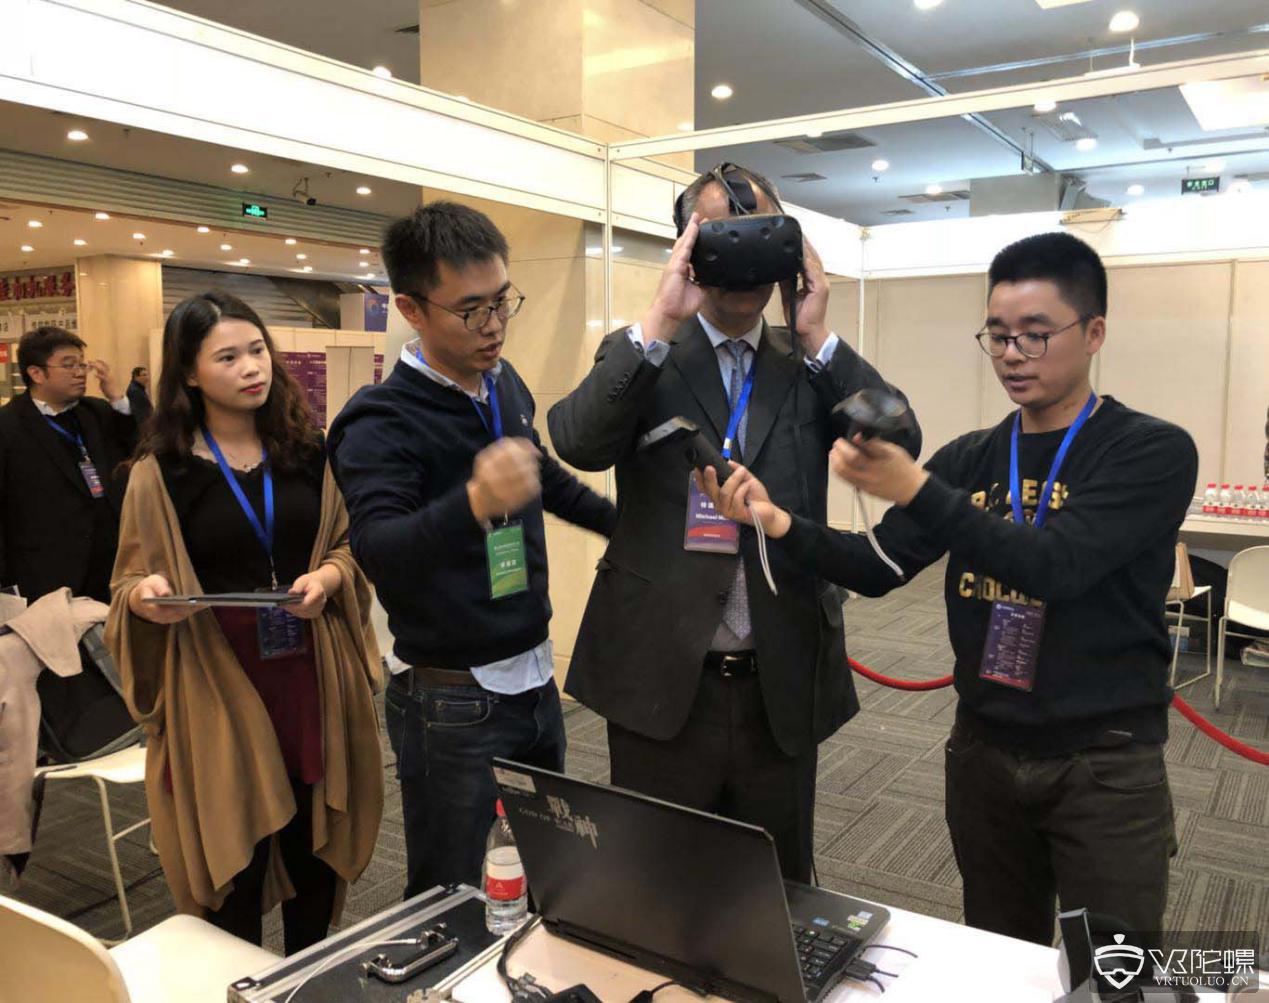 百度VR、百度教育推智慧教育系统,VR实训课堂首次公开